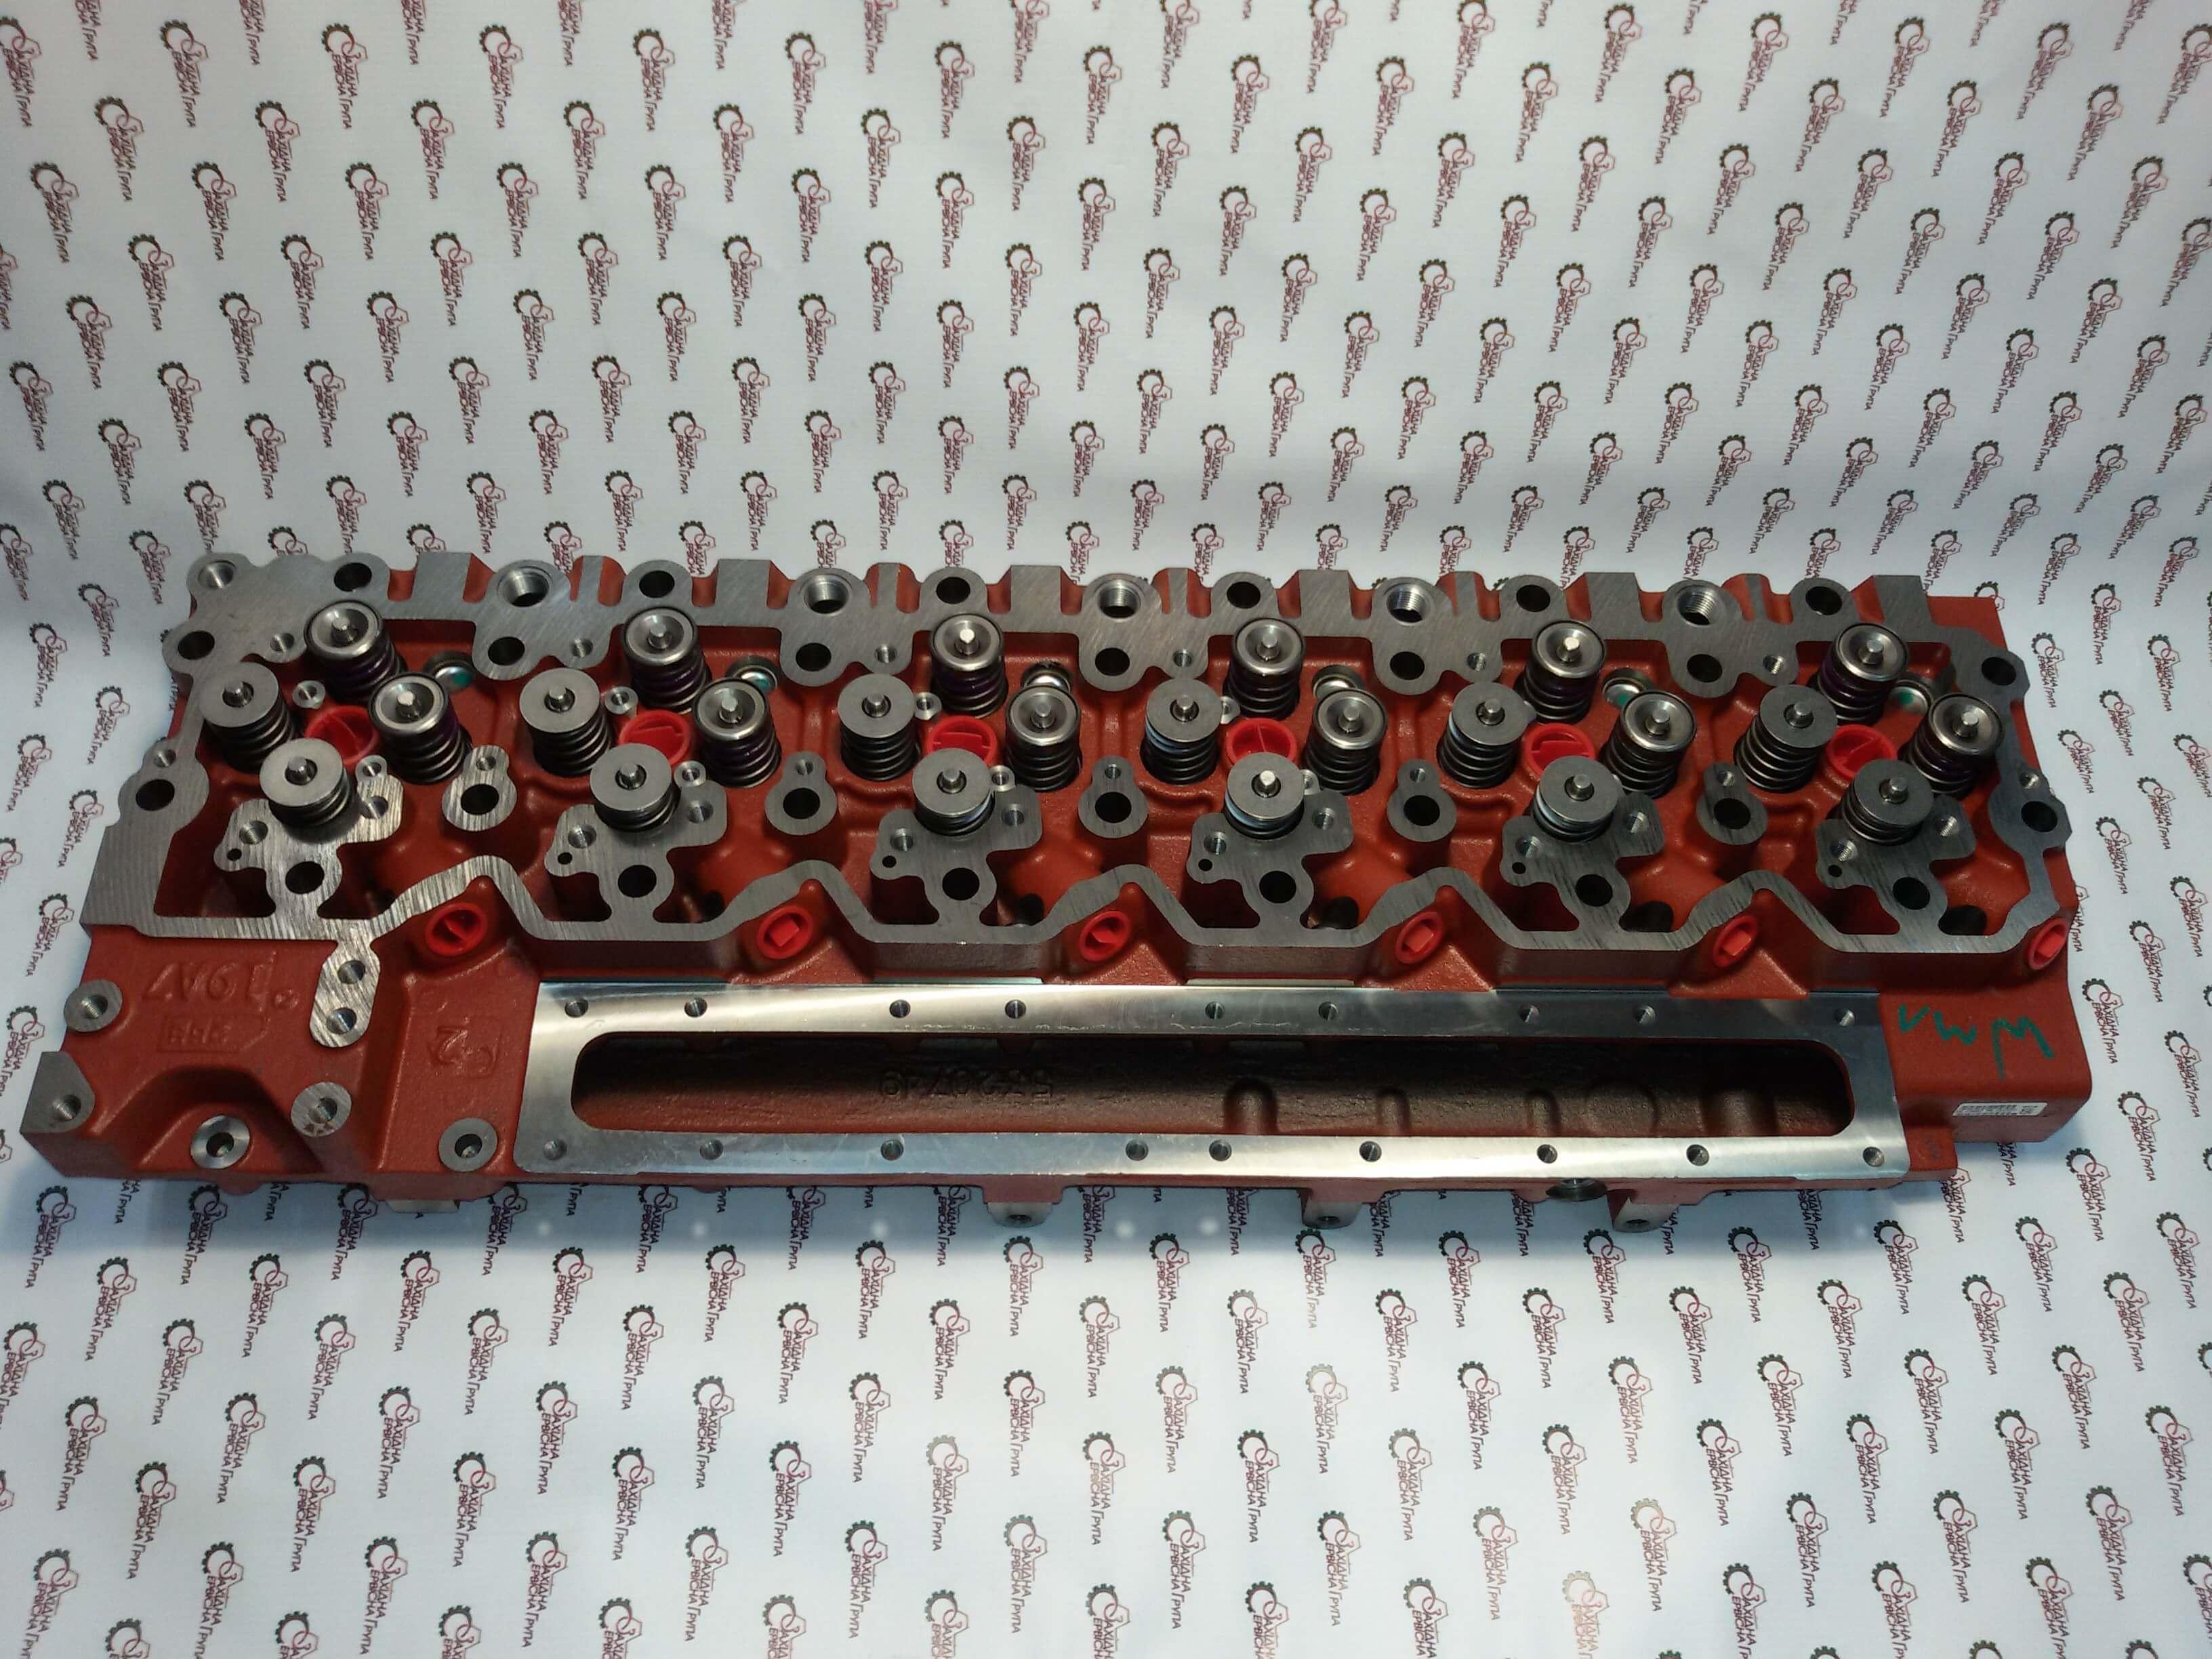 Головка блоку циліндрів двигуна Cummins QSC-8.3, QSL9, 5404060, 5529522, 5348479, 5259423, 4987975, 4942123, 3973632, 4928931.